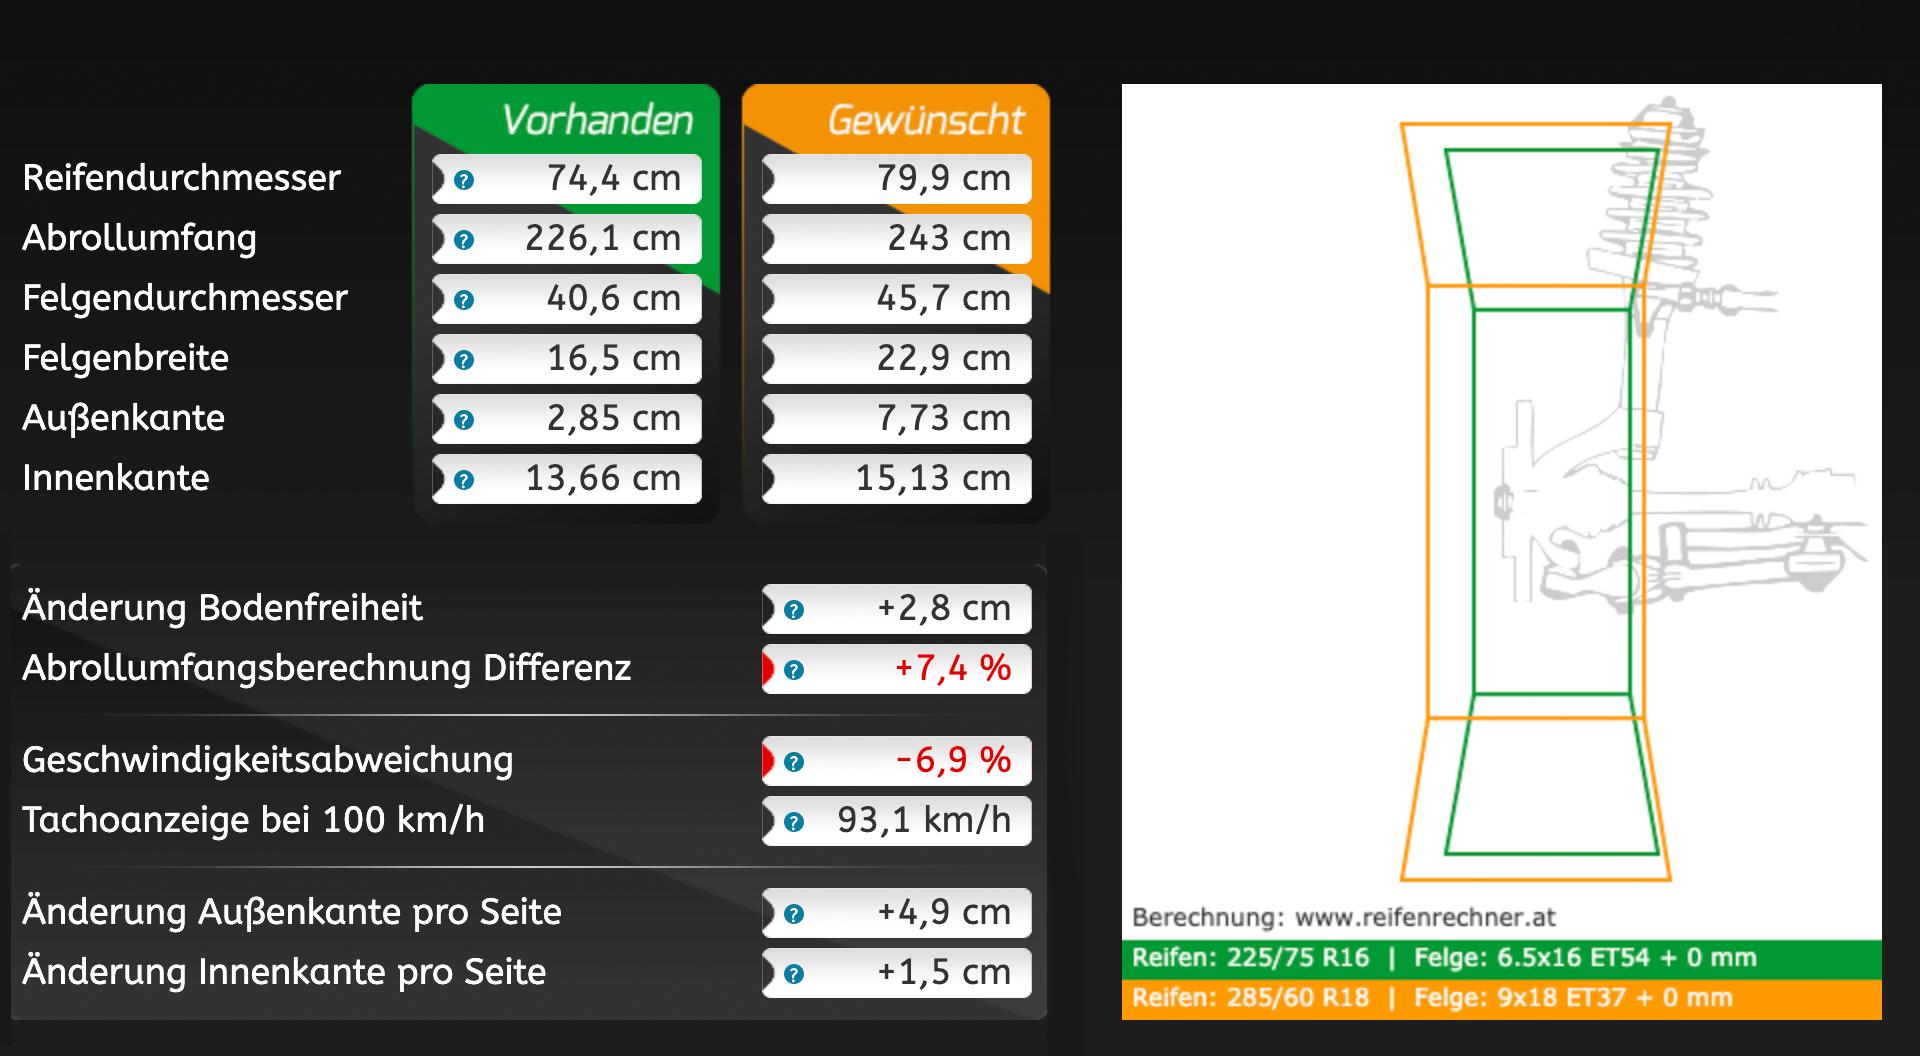 Vergleich Sprinter Originalbereifung 225/75 R16 gegen 285/60 R18